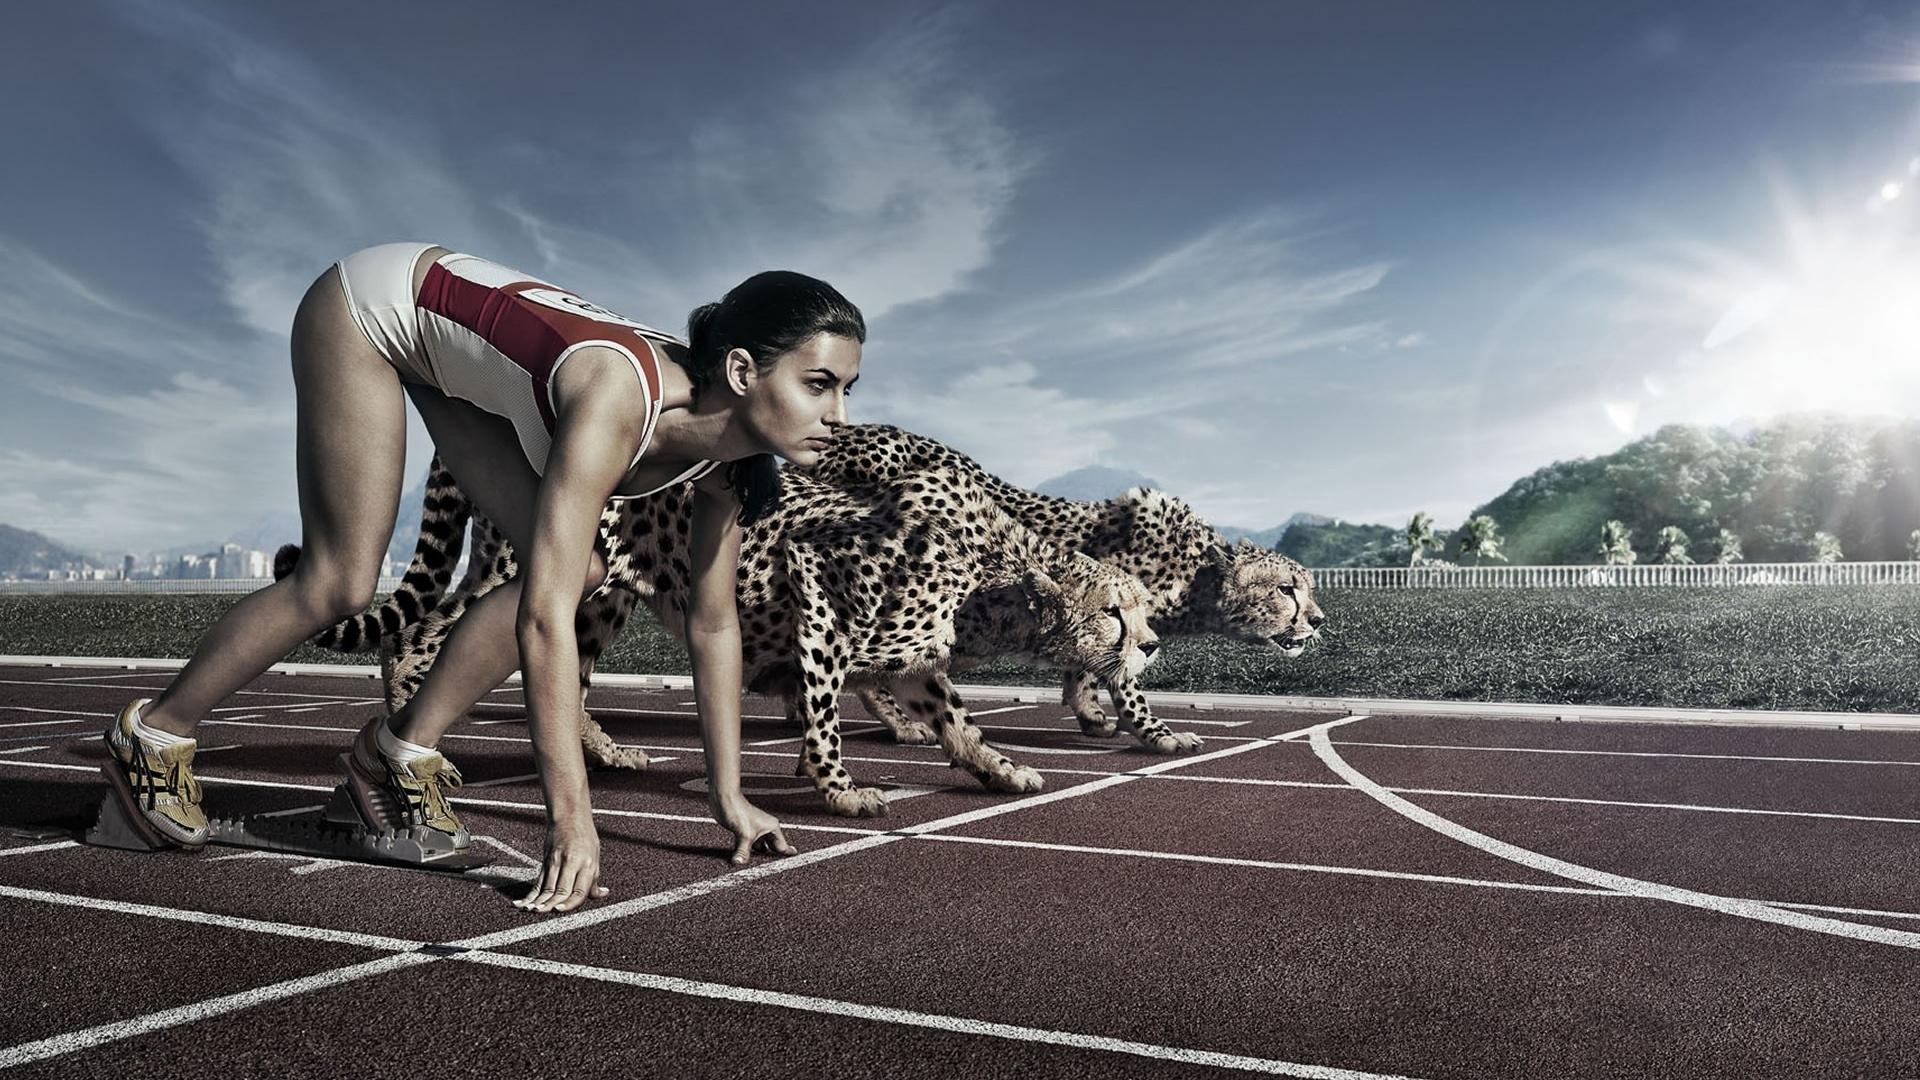 running_wild_race_sprint_dash_cheetah_runner-vzls.jpg